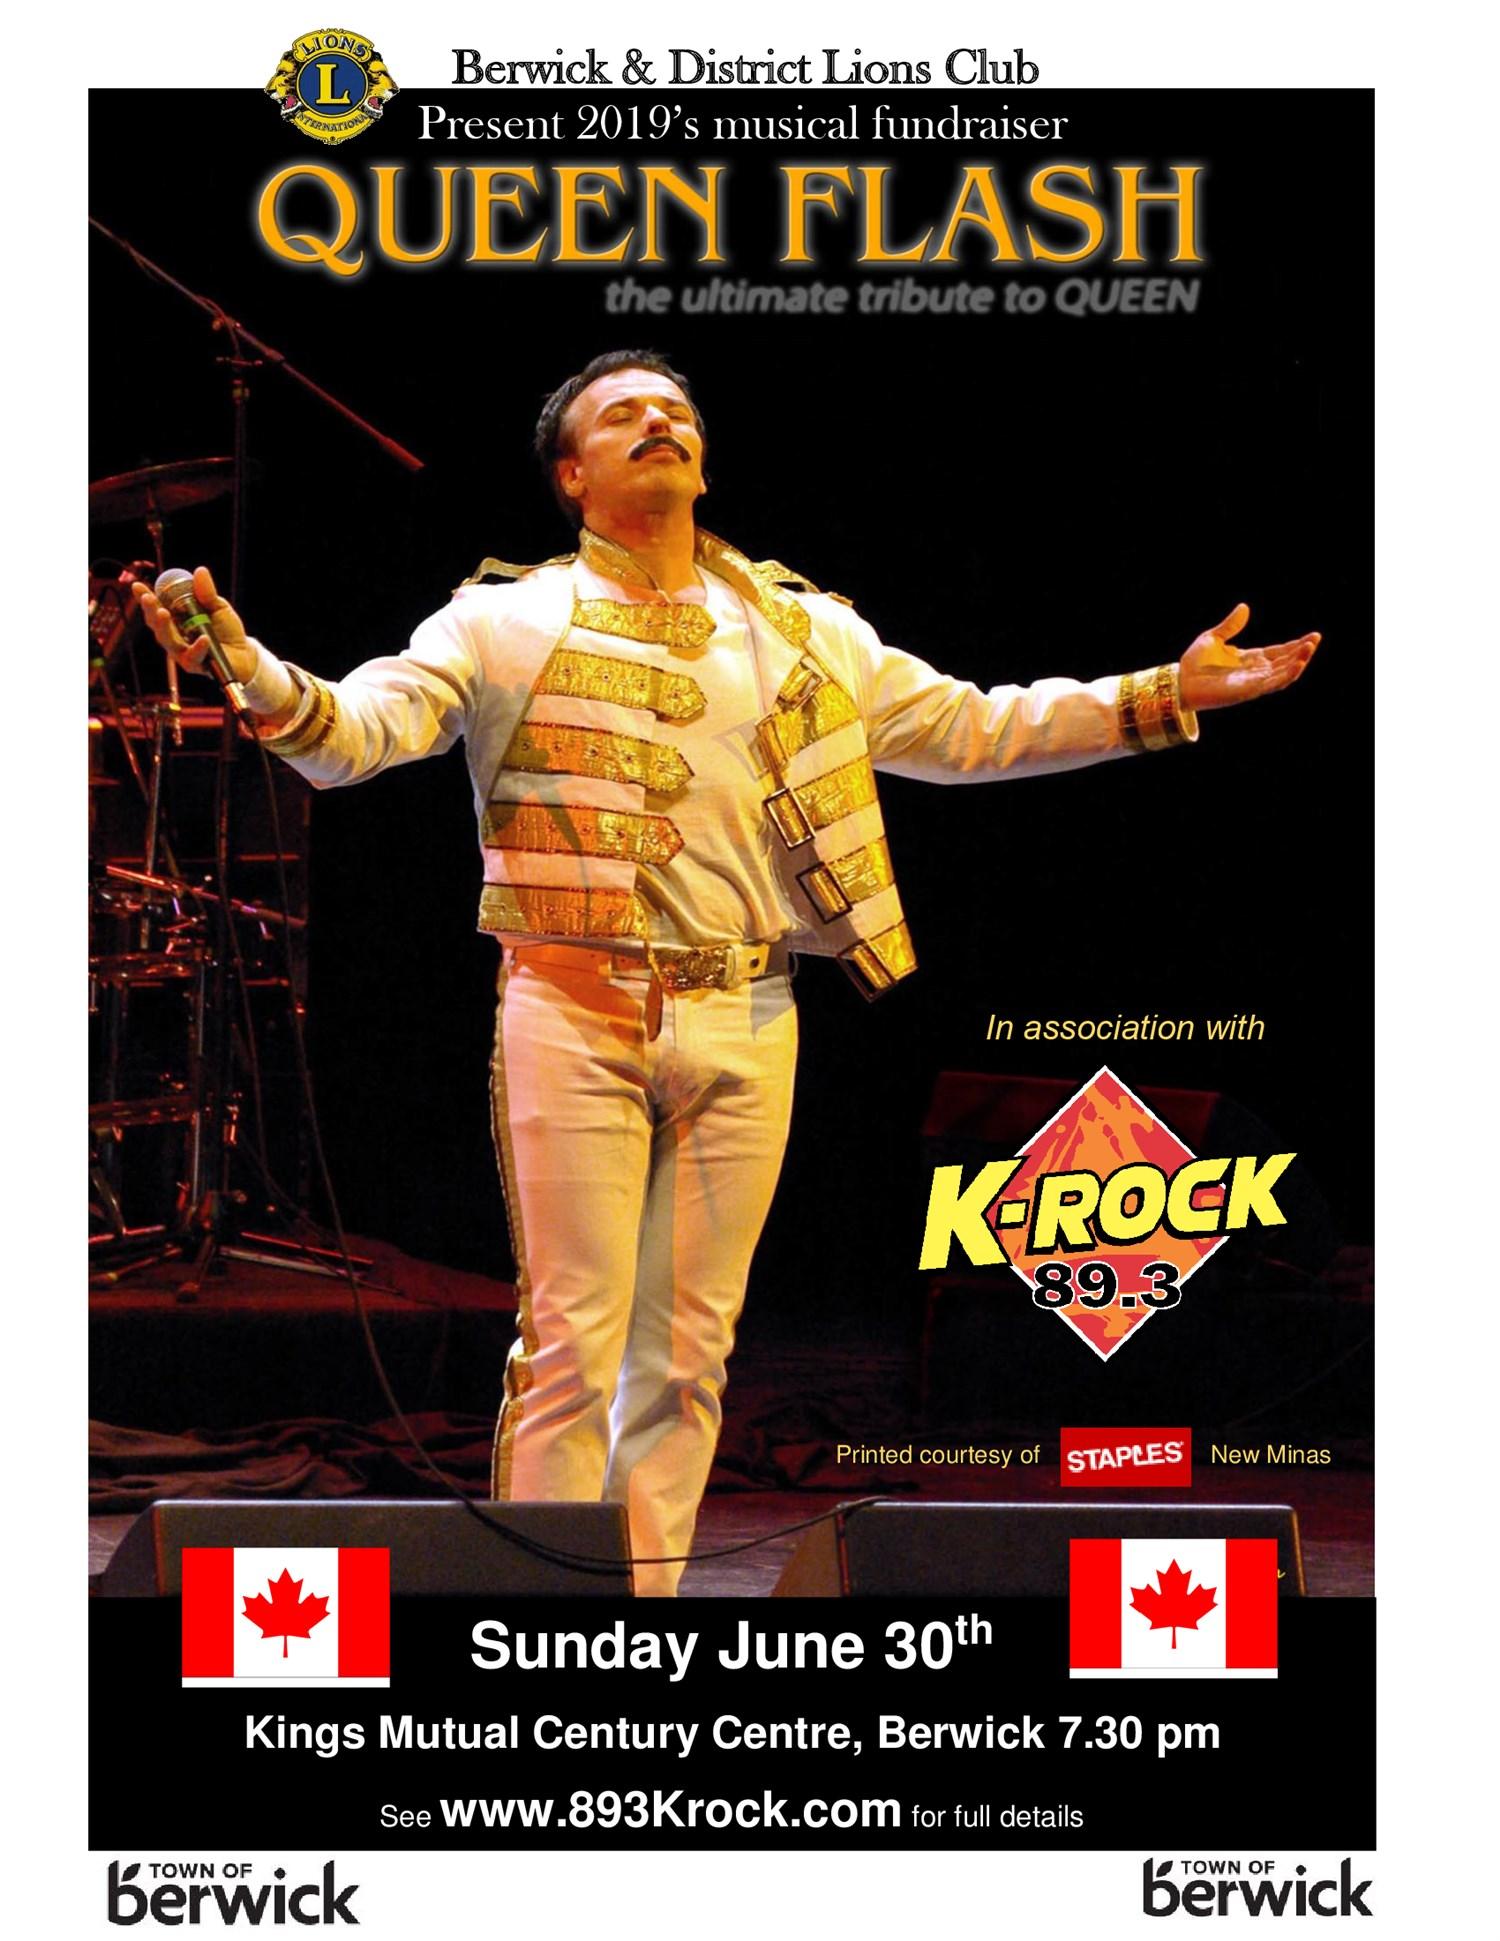 Queen Flash Concert